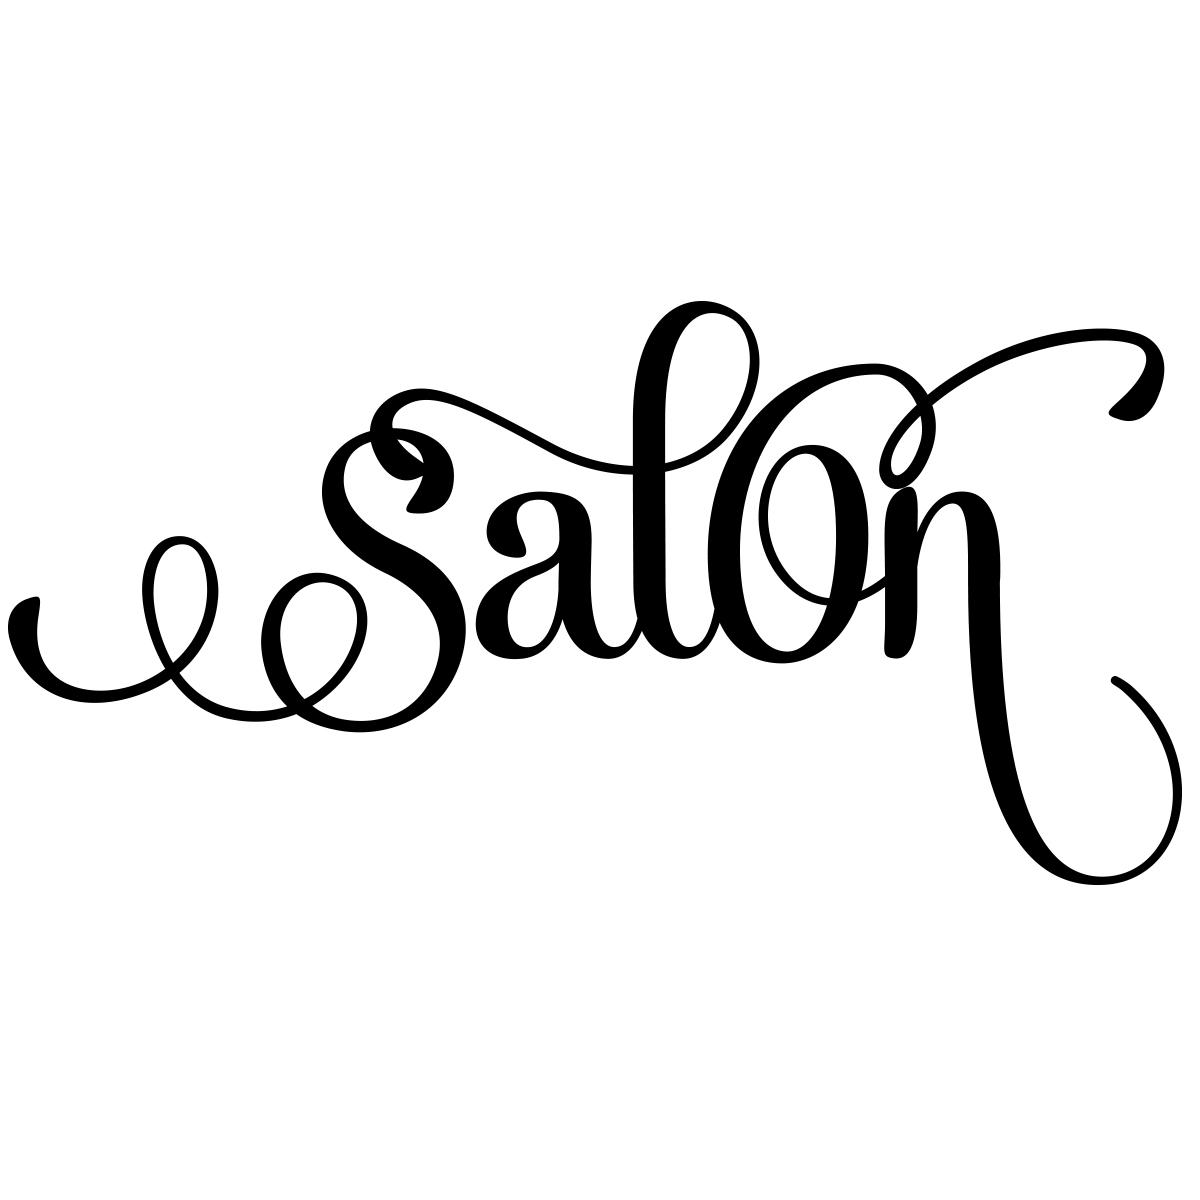 Sticker porte salon l gant stickers salon s jour - Stickers muraux pour salon ...